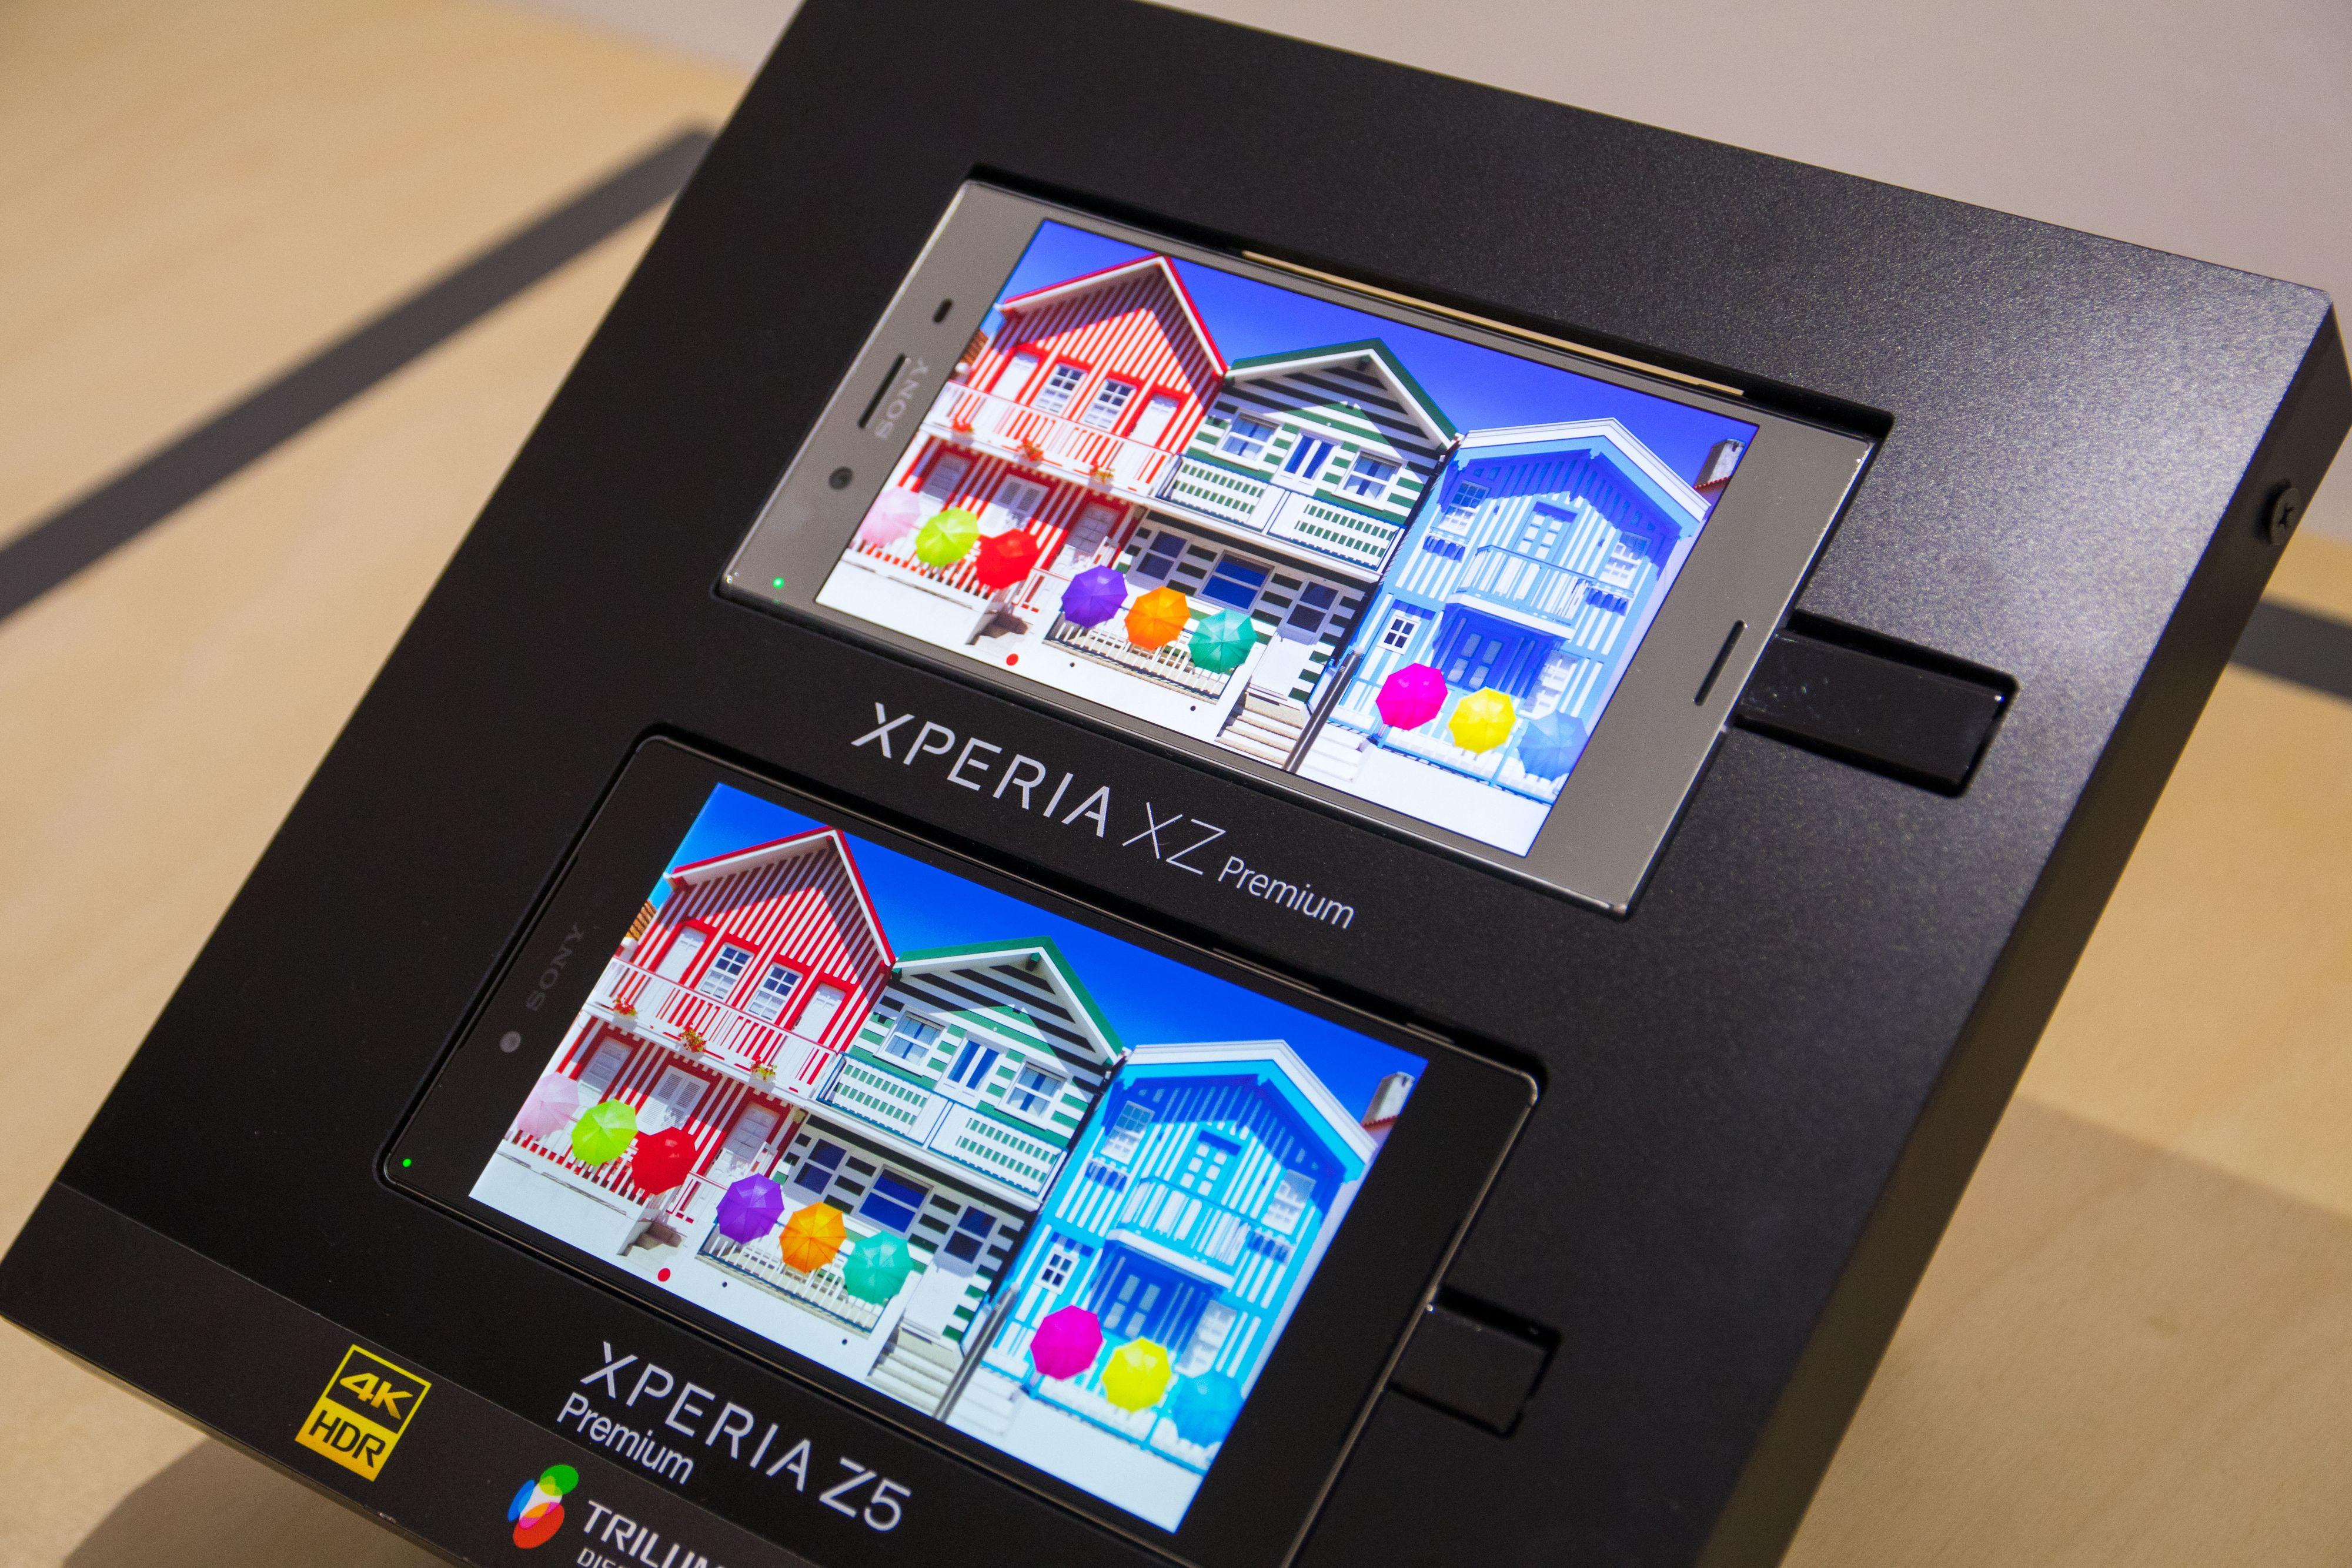 Sony viste frem fordelen med HDR-skjerm, som kan vise et større fargerom i tillegg til å være mer lyssterk. Nøyaktig hvor lyssterk fikk vi ikke vite, annet enn